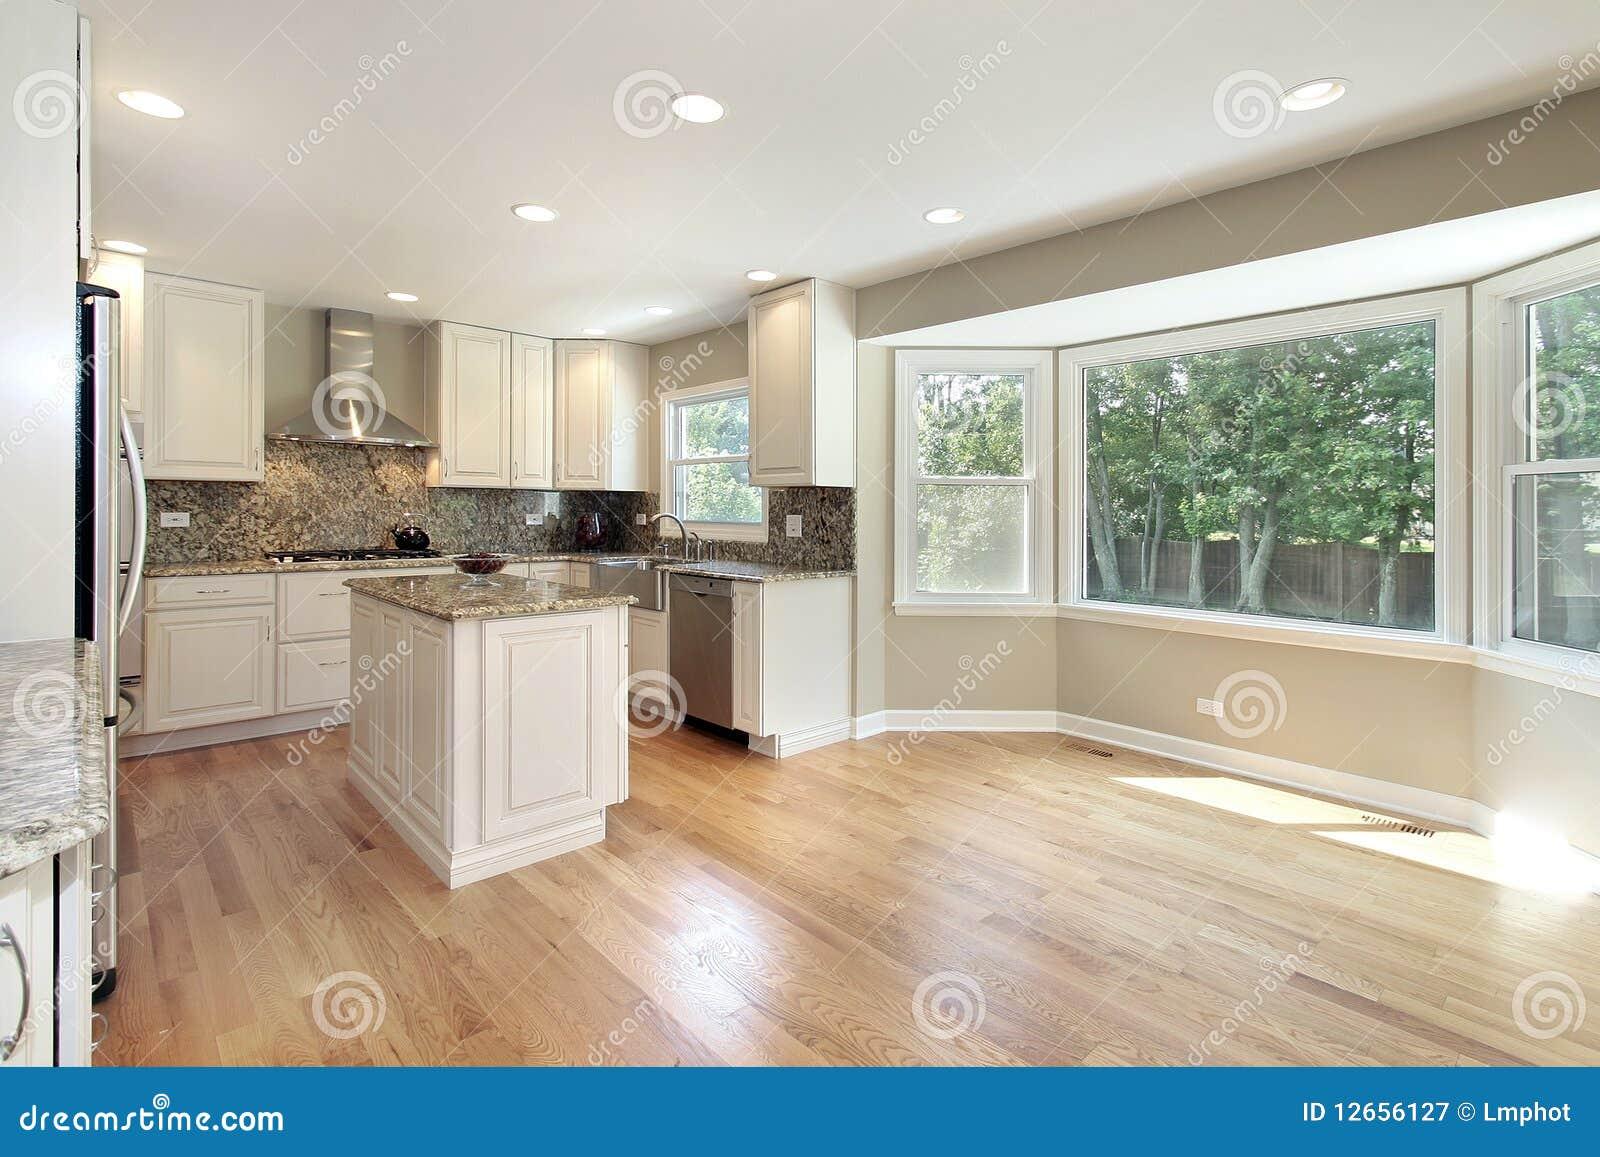 Cucina con la grande finestra panoramica fotografia stock - Cucina con finestra ...